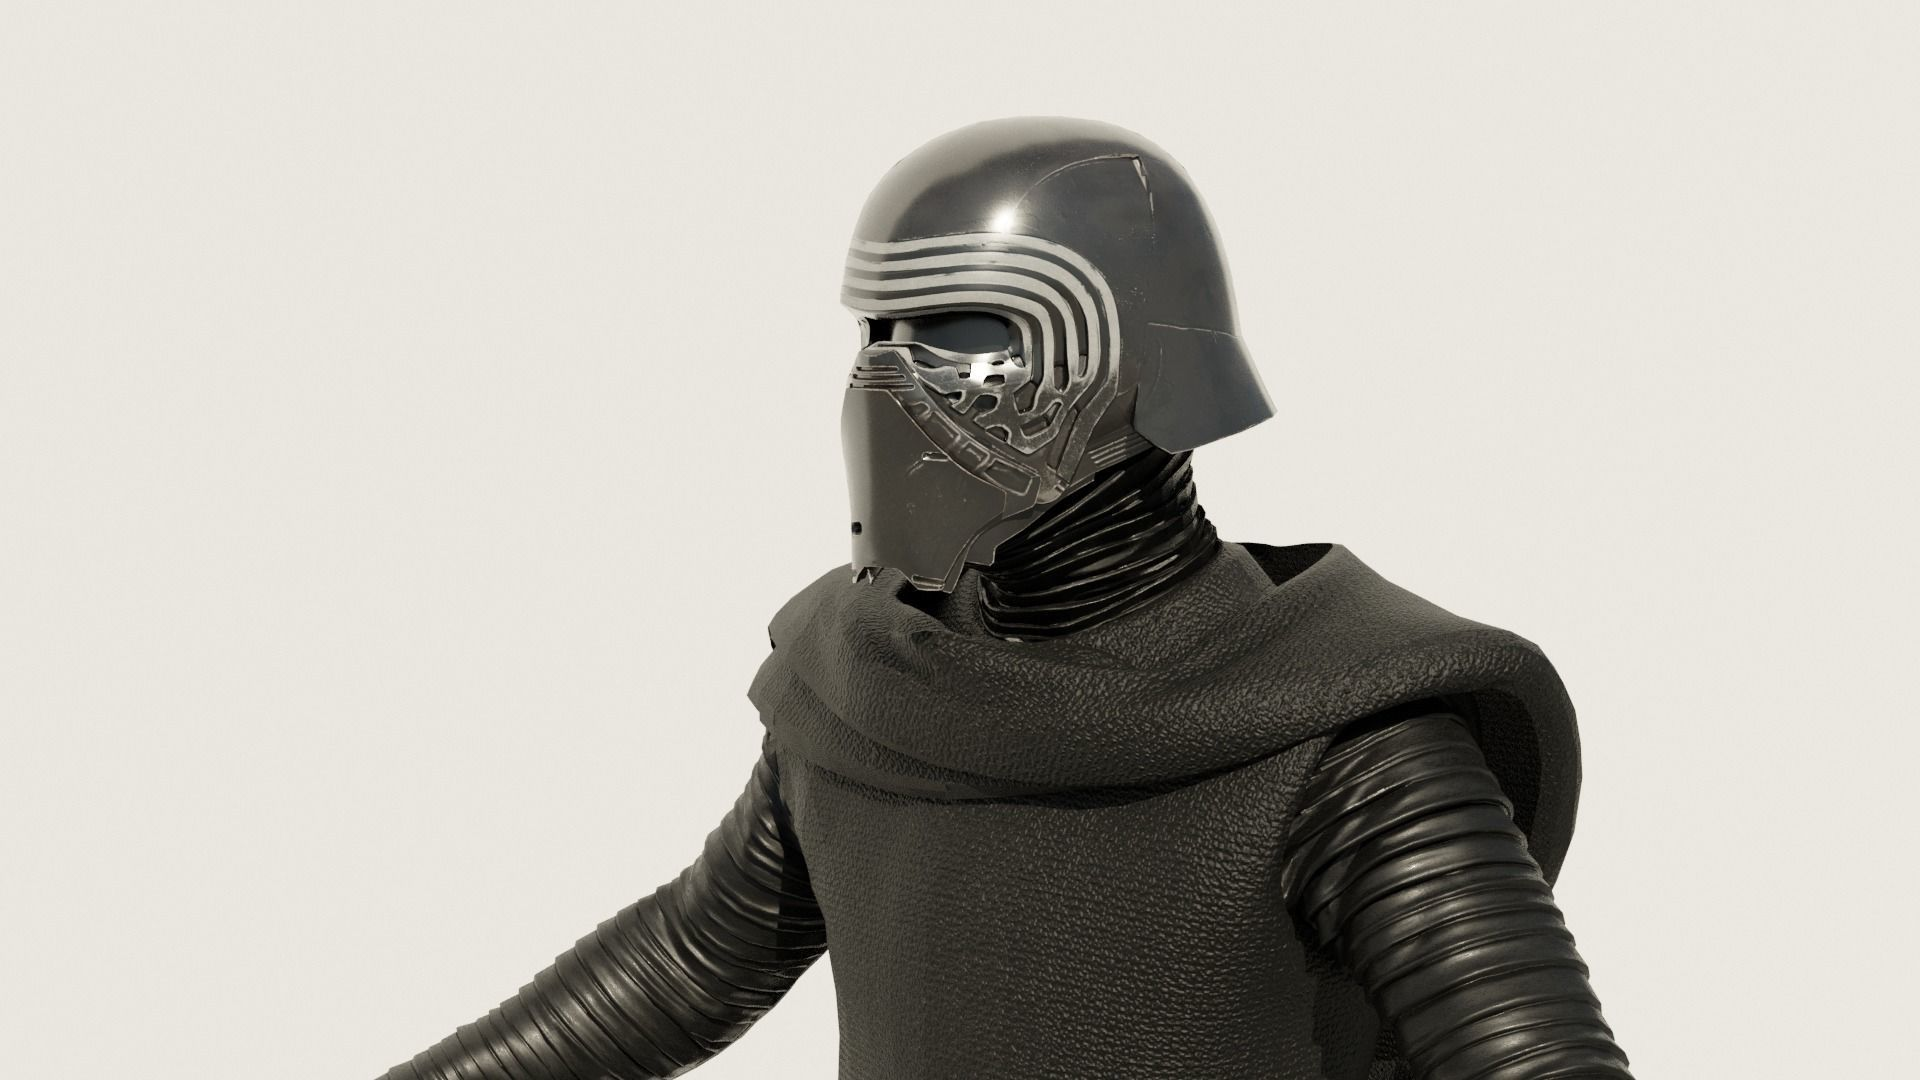 Kylo Ren - Star Wars The Force Awaken 3D Model